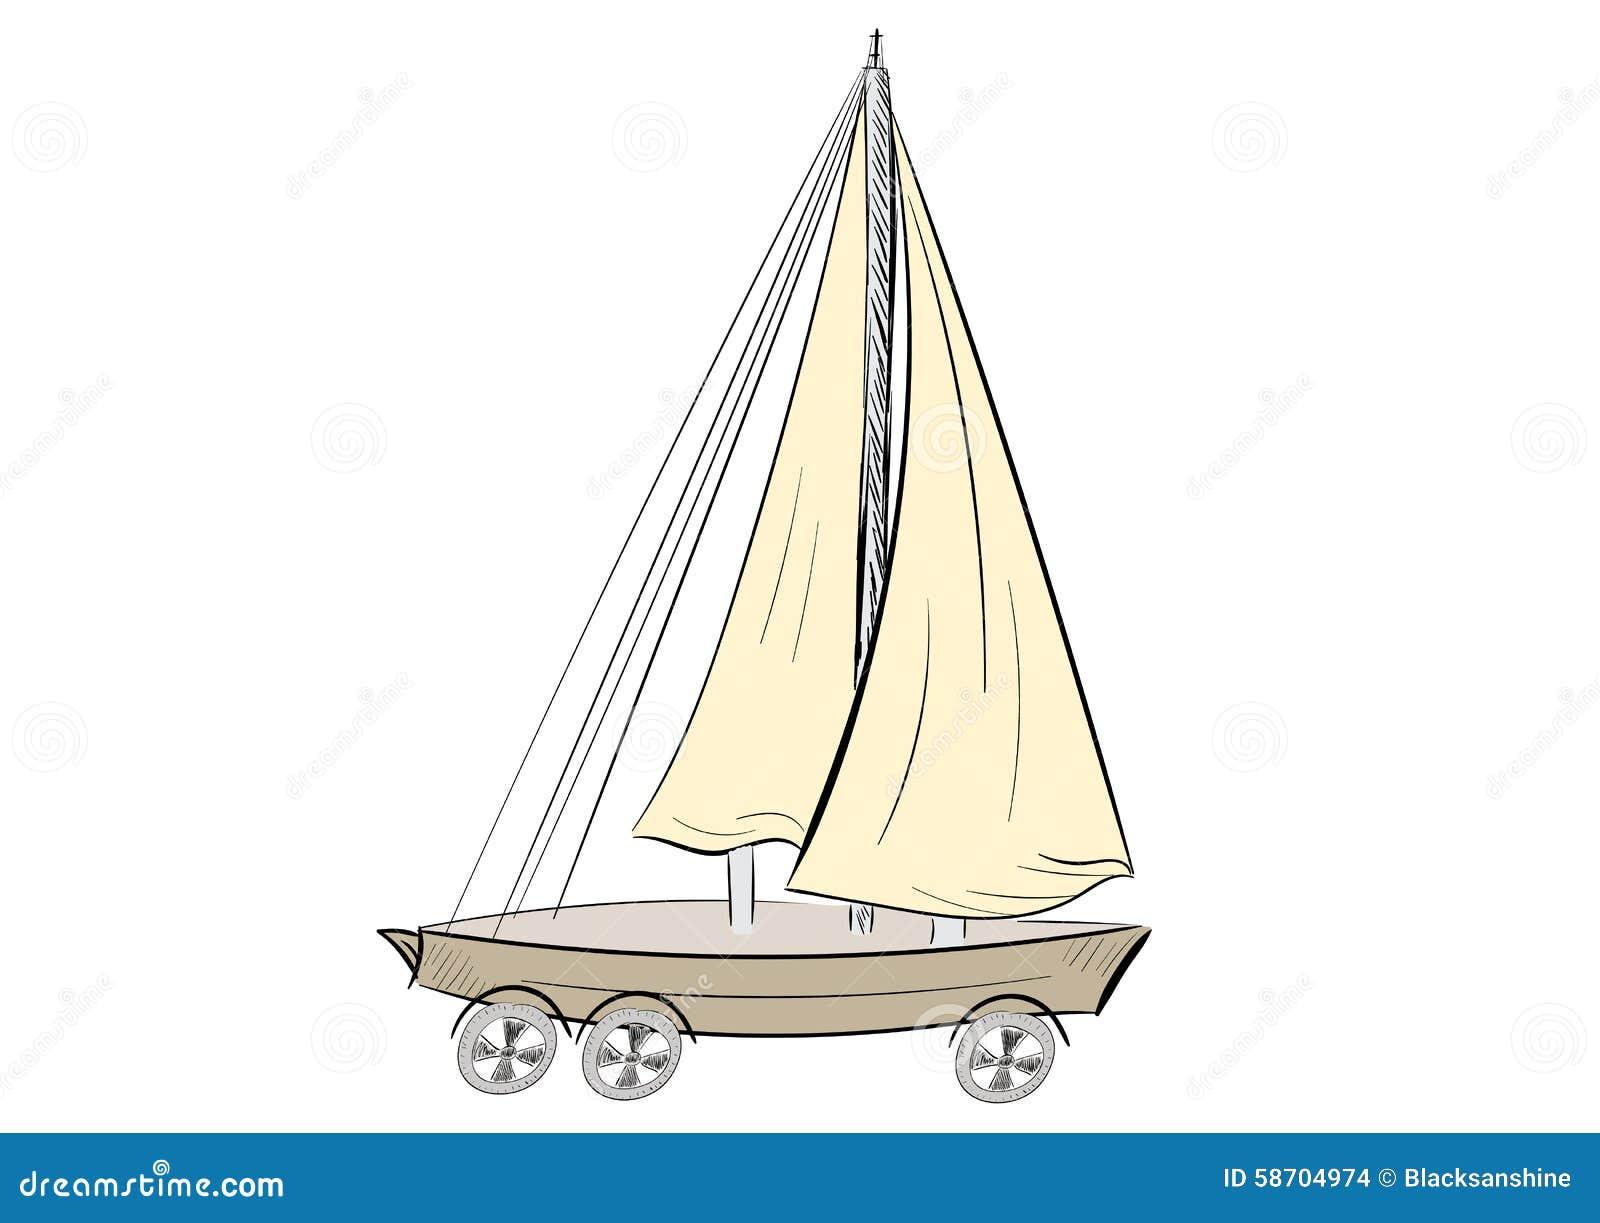 корабль на колёсах картинки